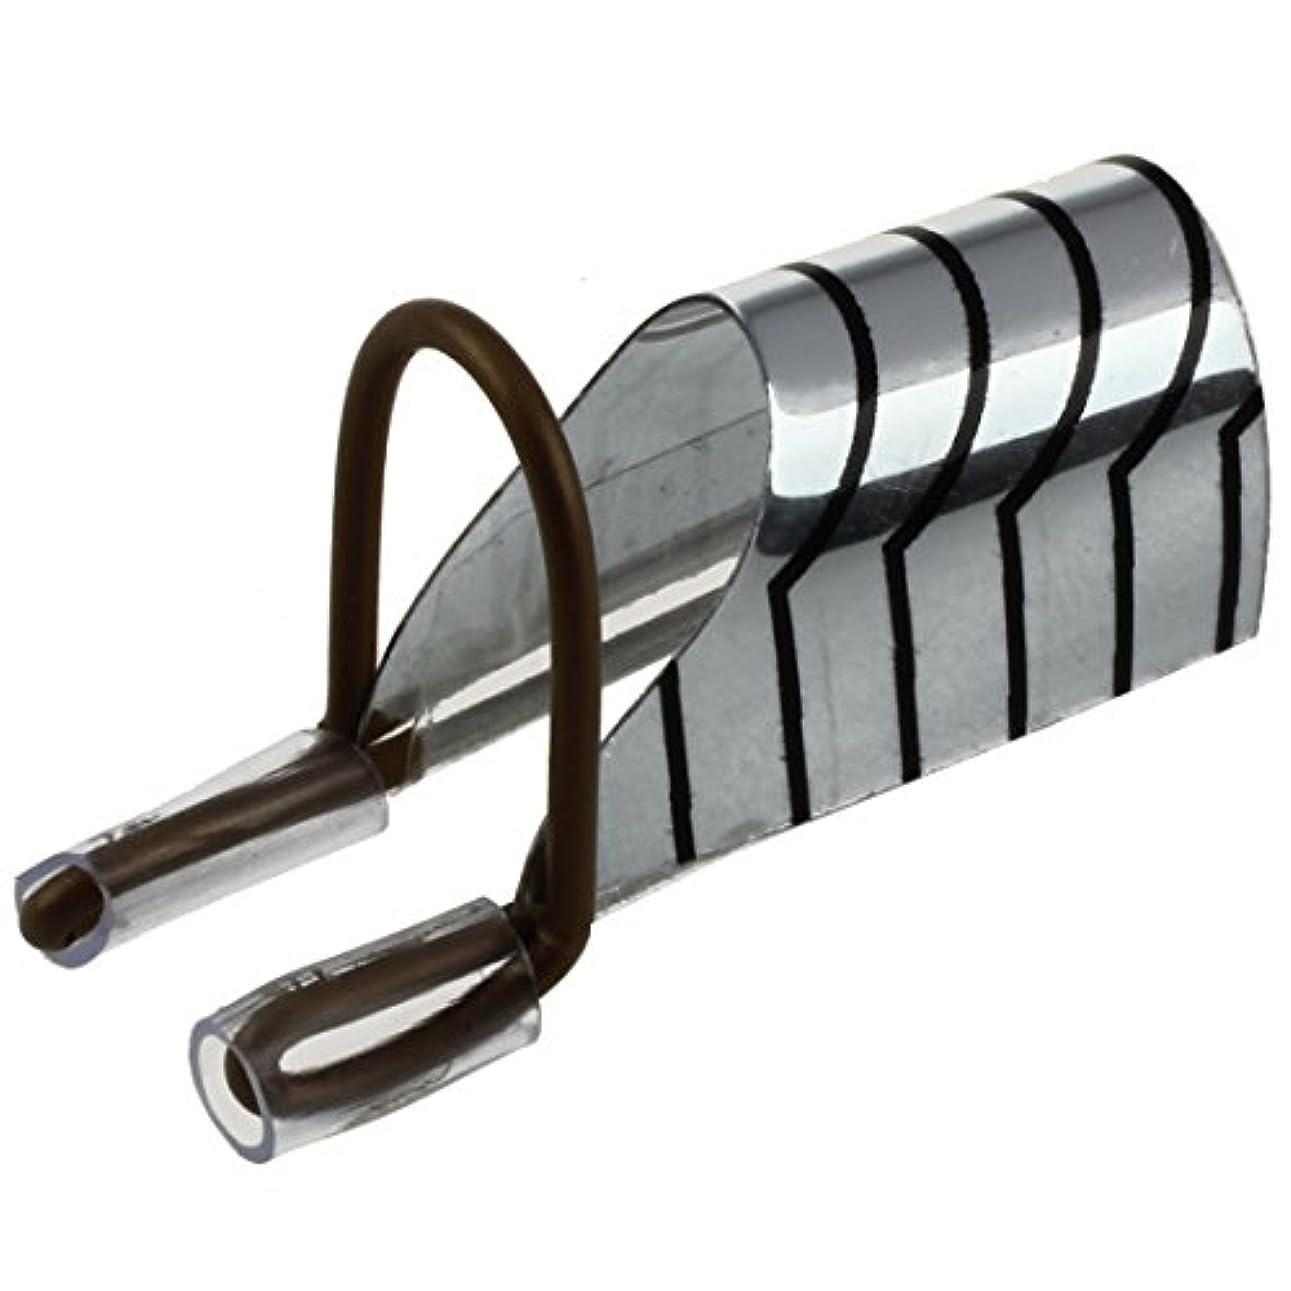 戦闘第三カジュアルNrpfell Nrpfell(R) 5個再利用可能なネイルアートフォームのUVジェルフレンチアクリルヒントプロテクターツール銀箔W/ ボックス